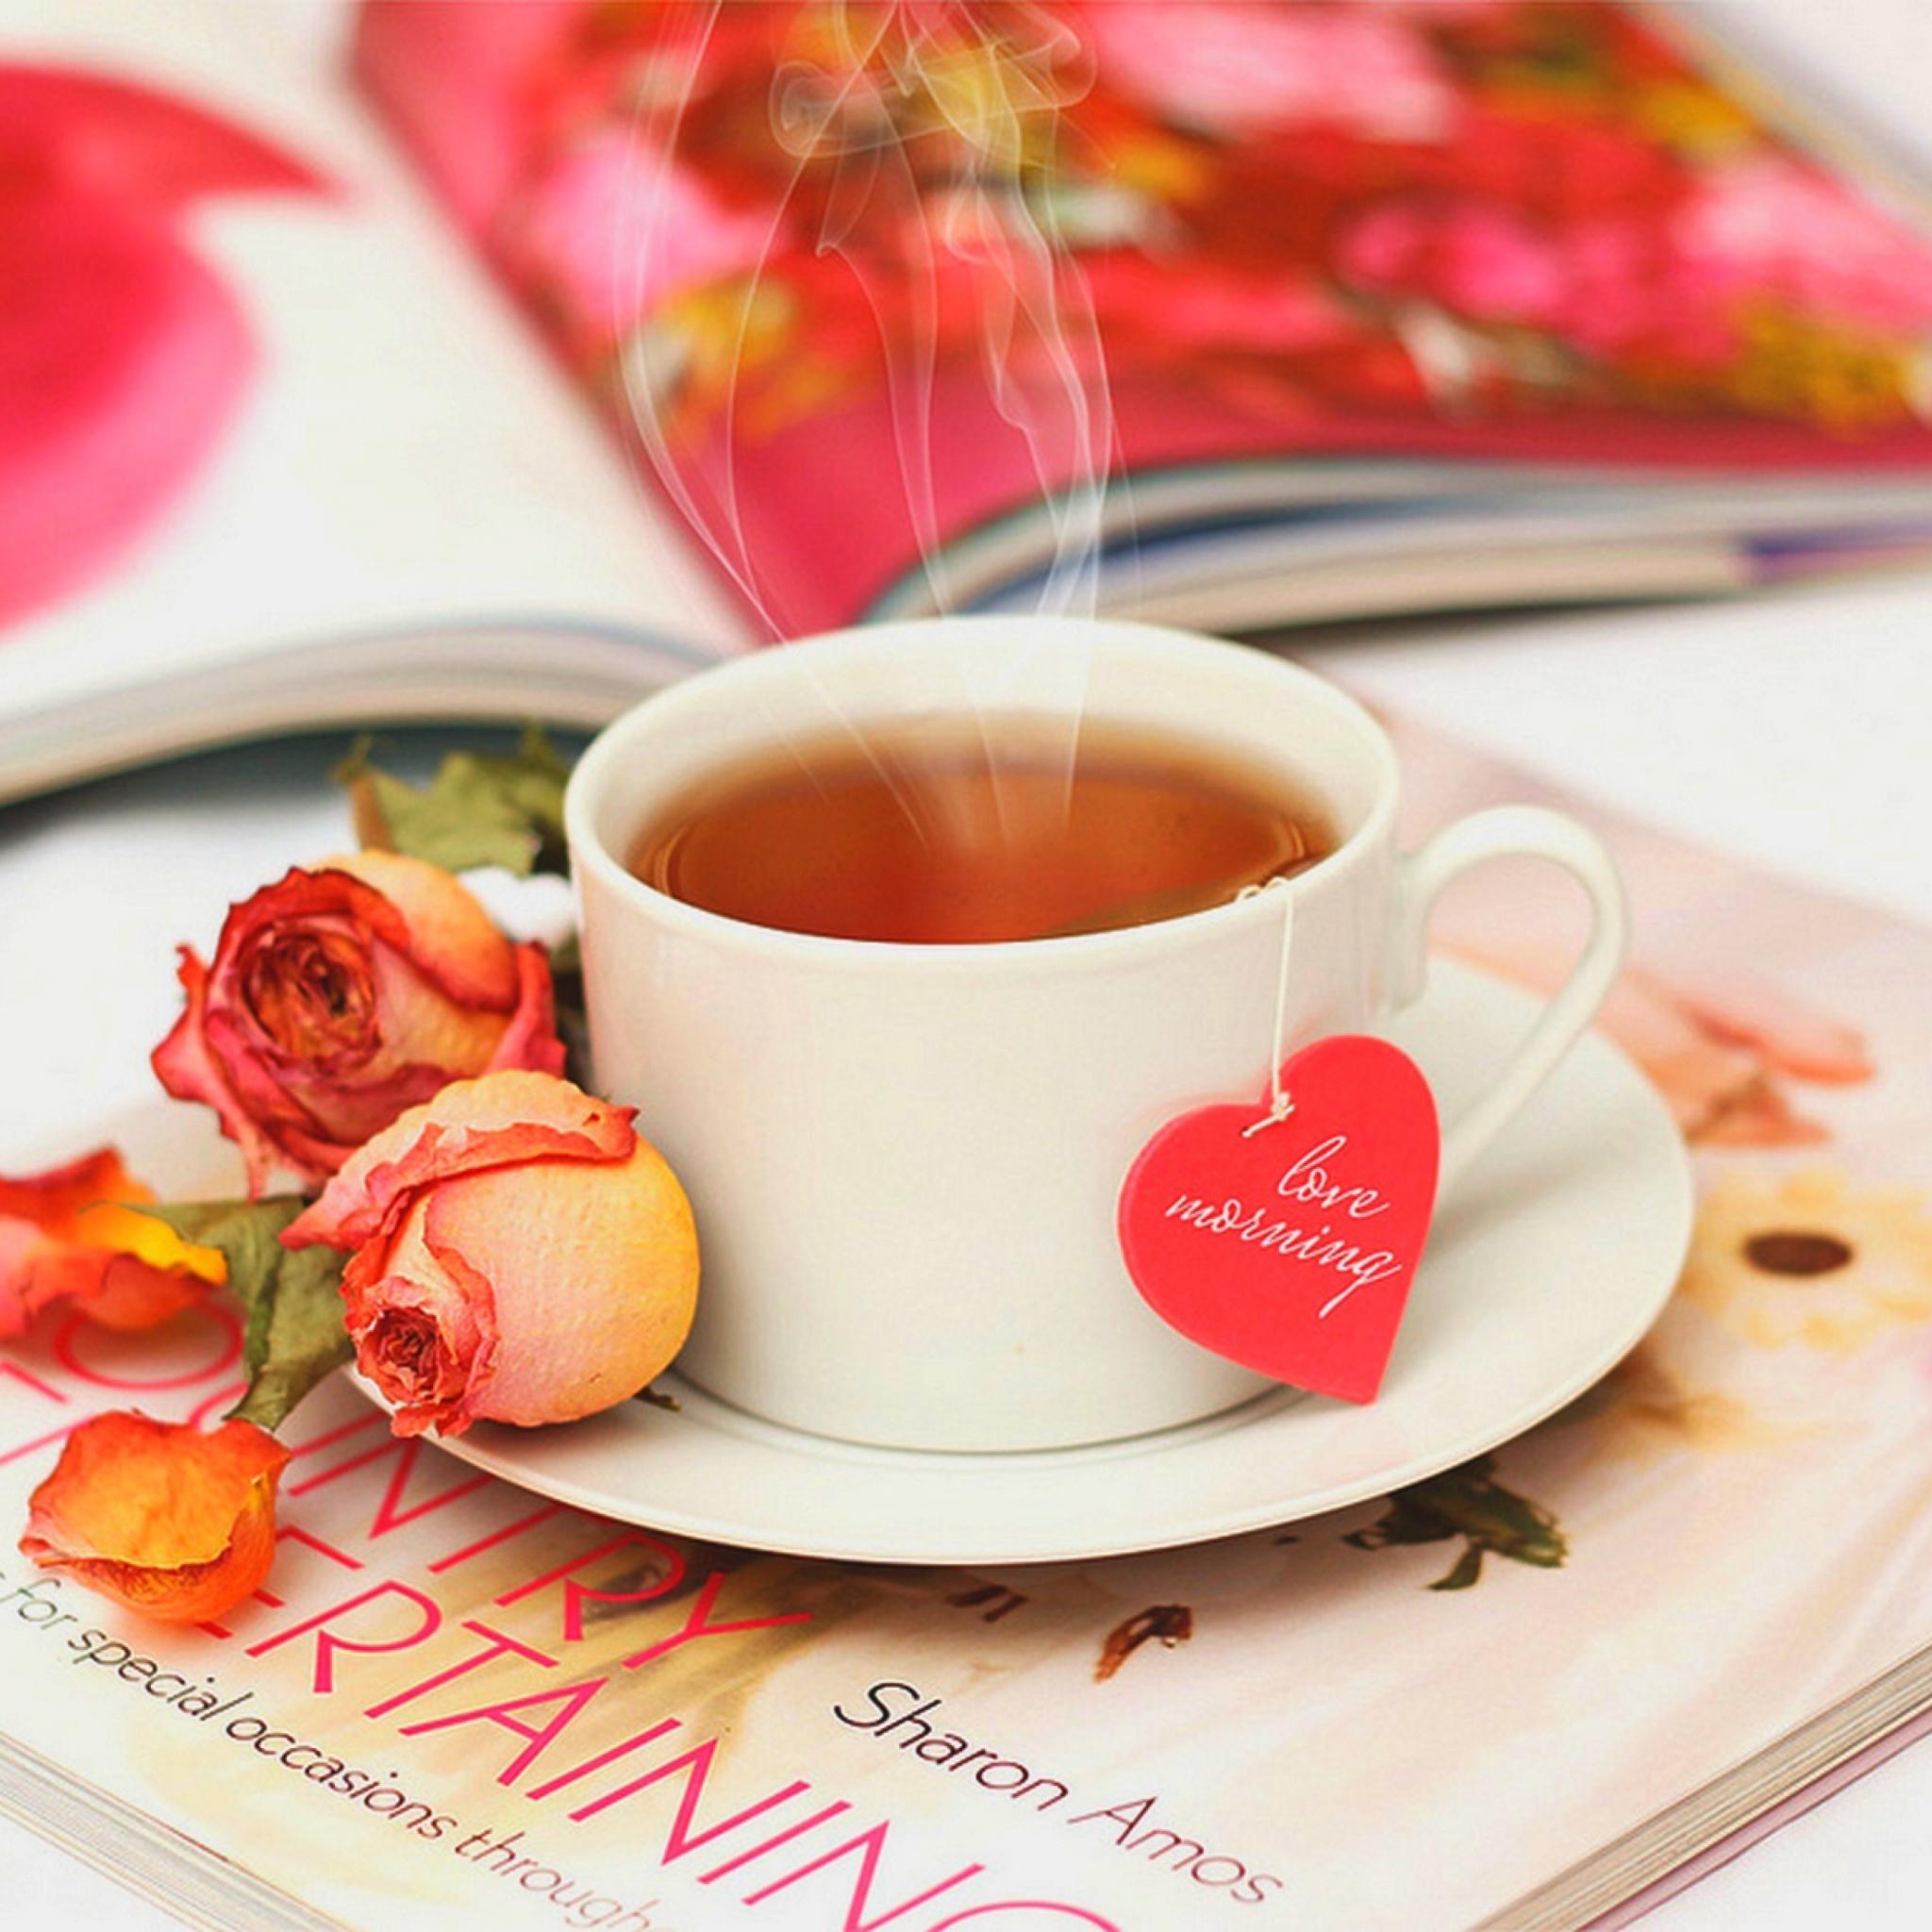 Доброе утро картинки с надписями чай кофе